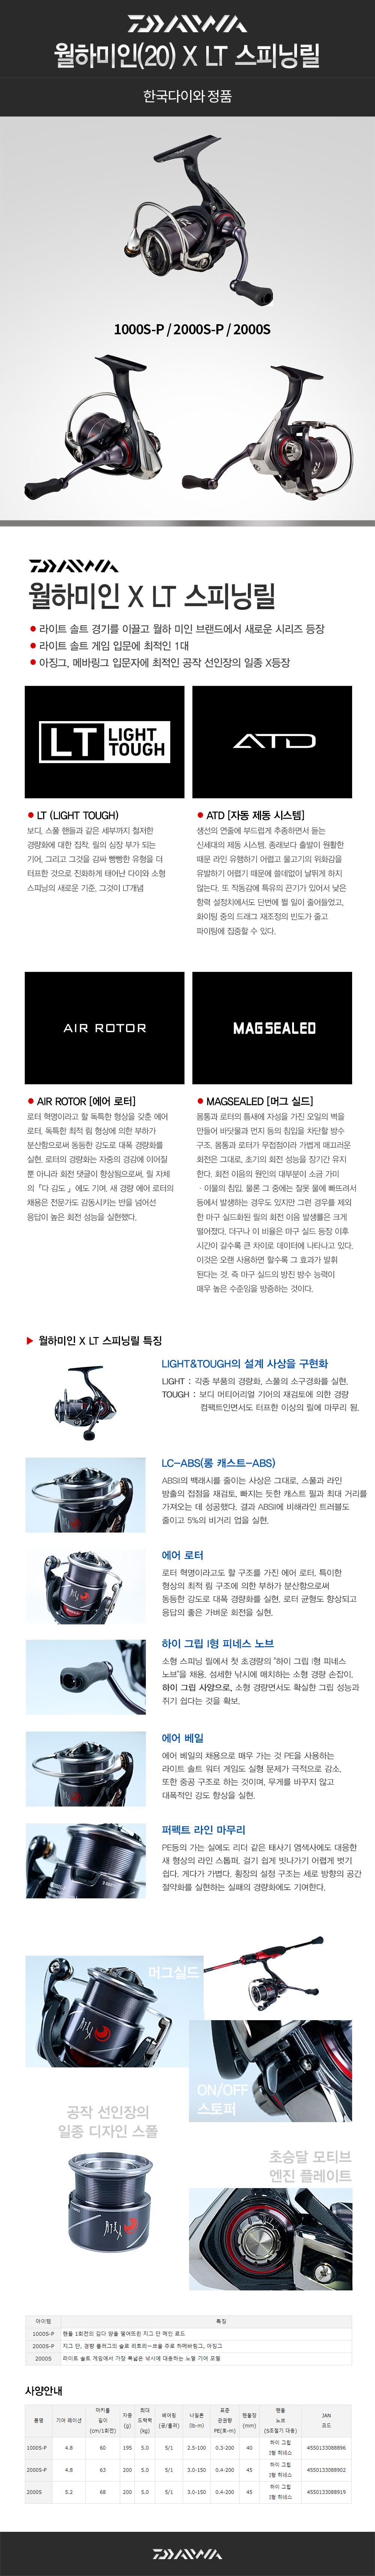 다이와 20 월하미인 X LT 스피닝릴 한국다이와정품